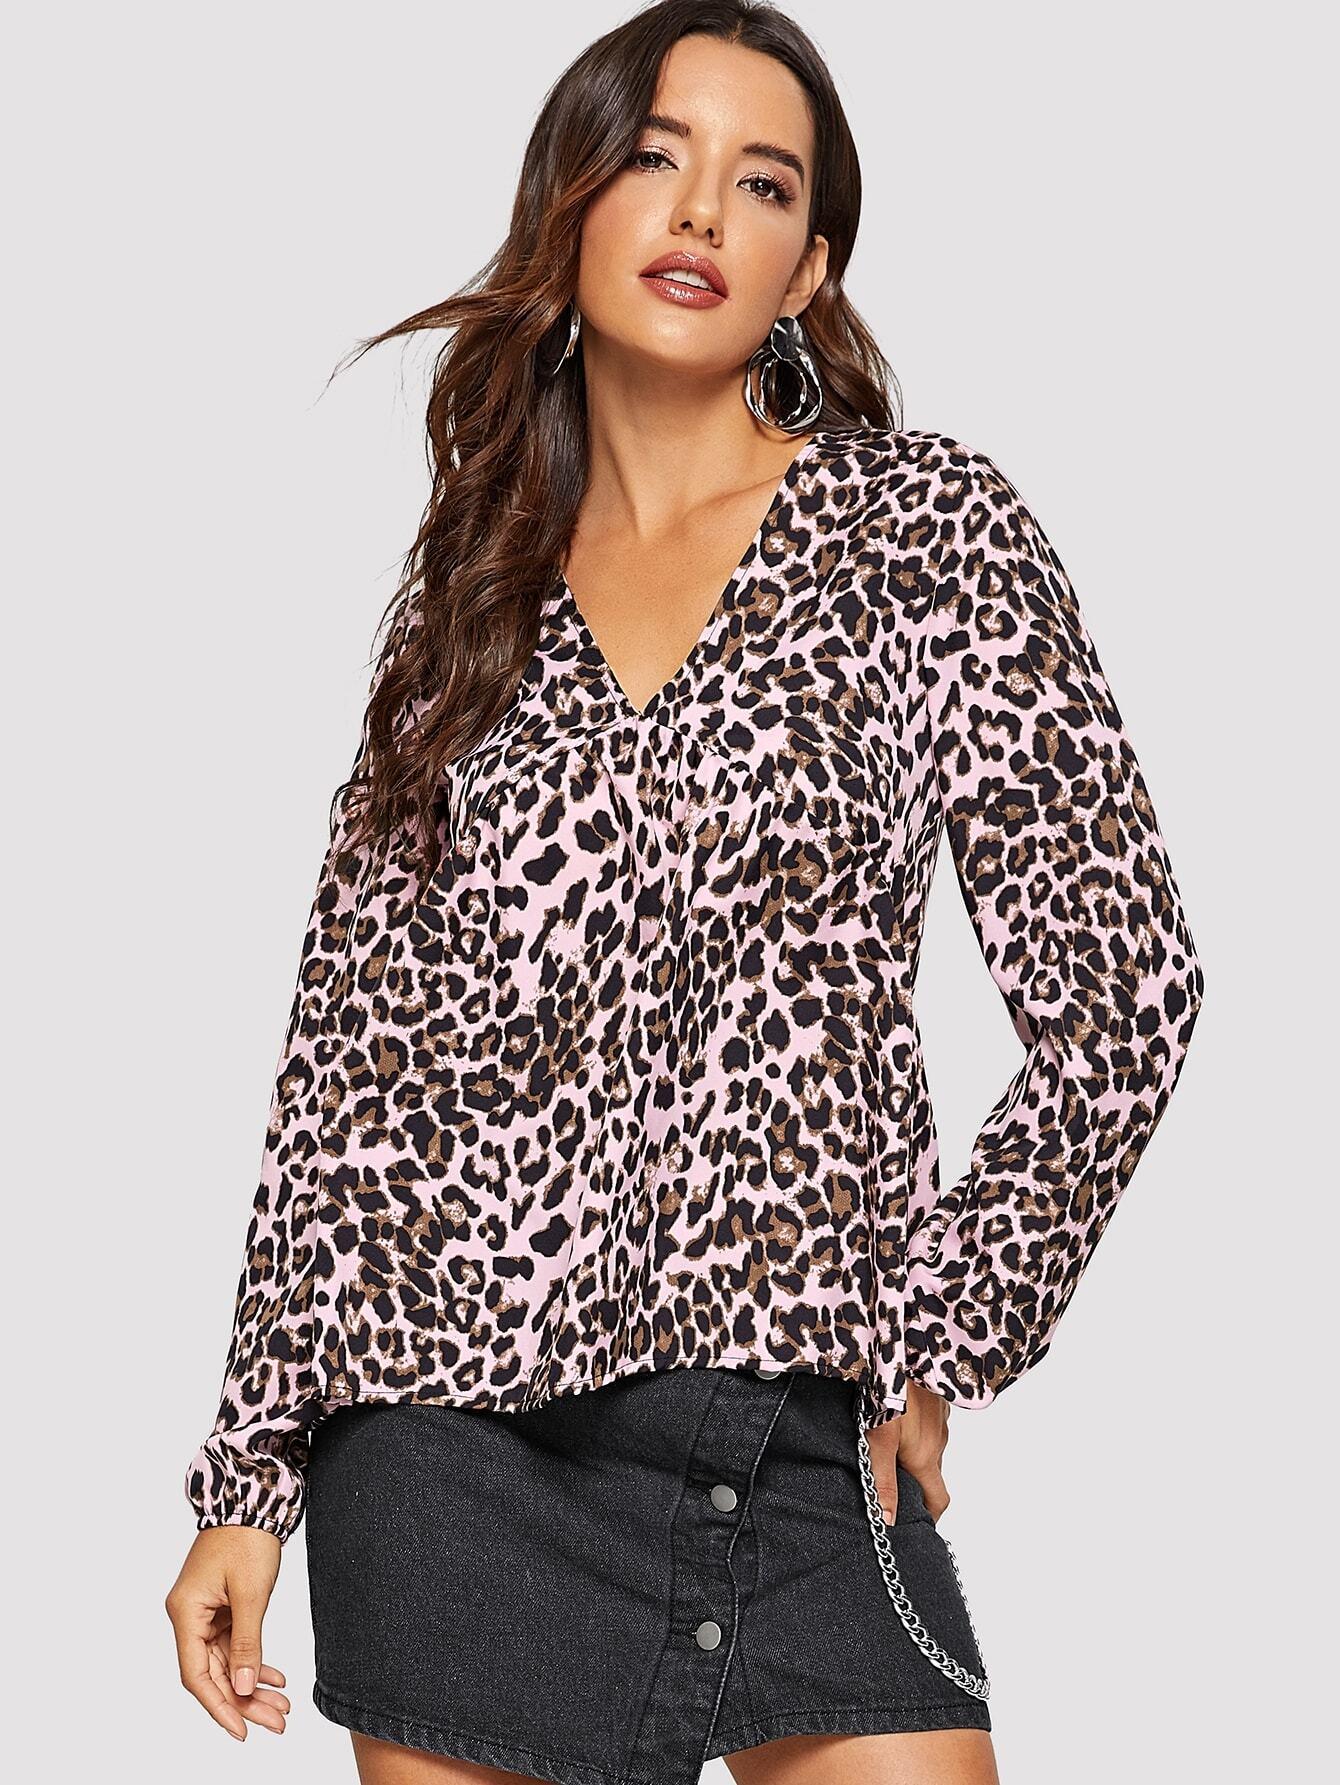 Купить Леопардовый топ с v-образным вырезом и оригинальным рукавом, Juliana, SheIn